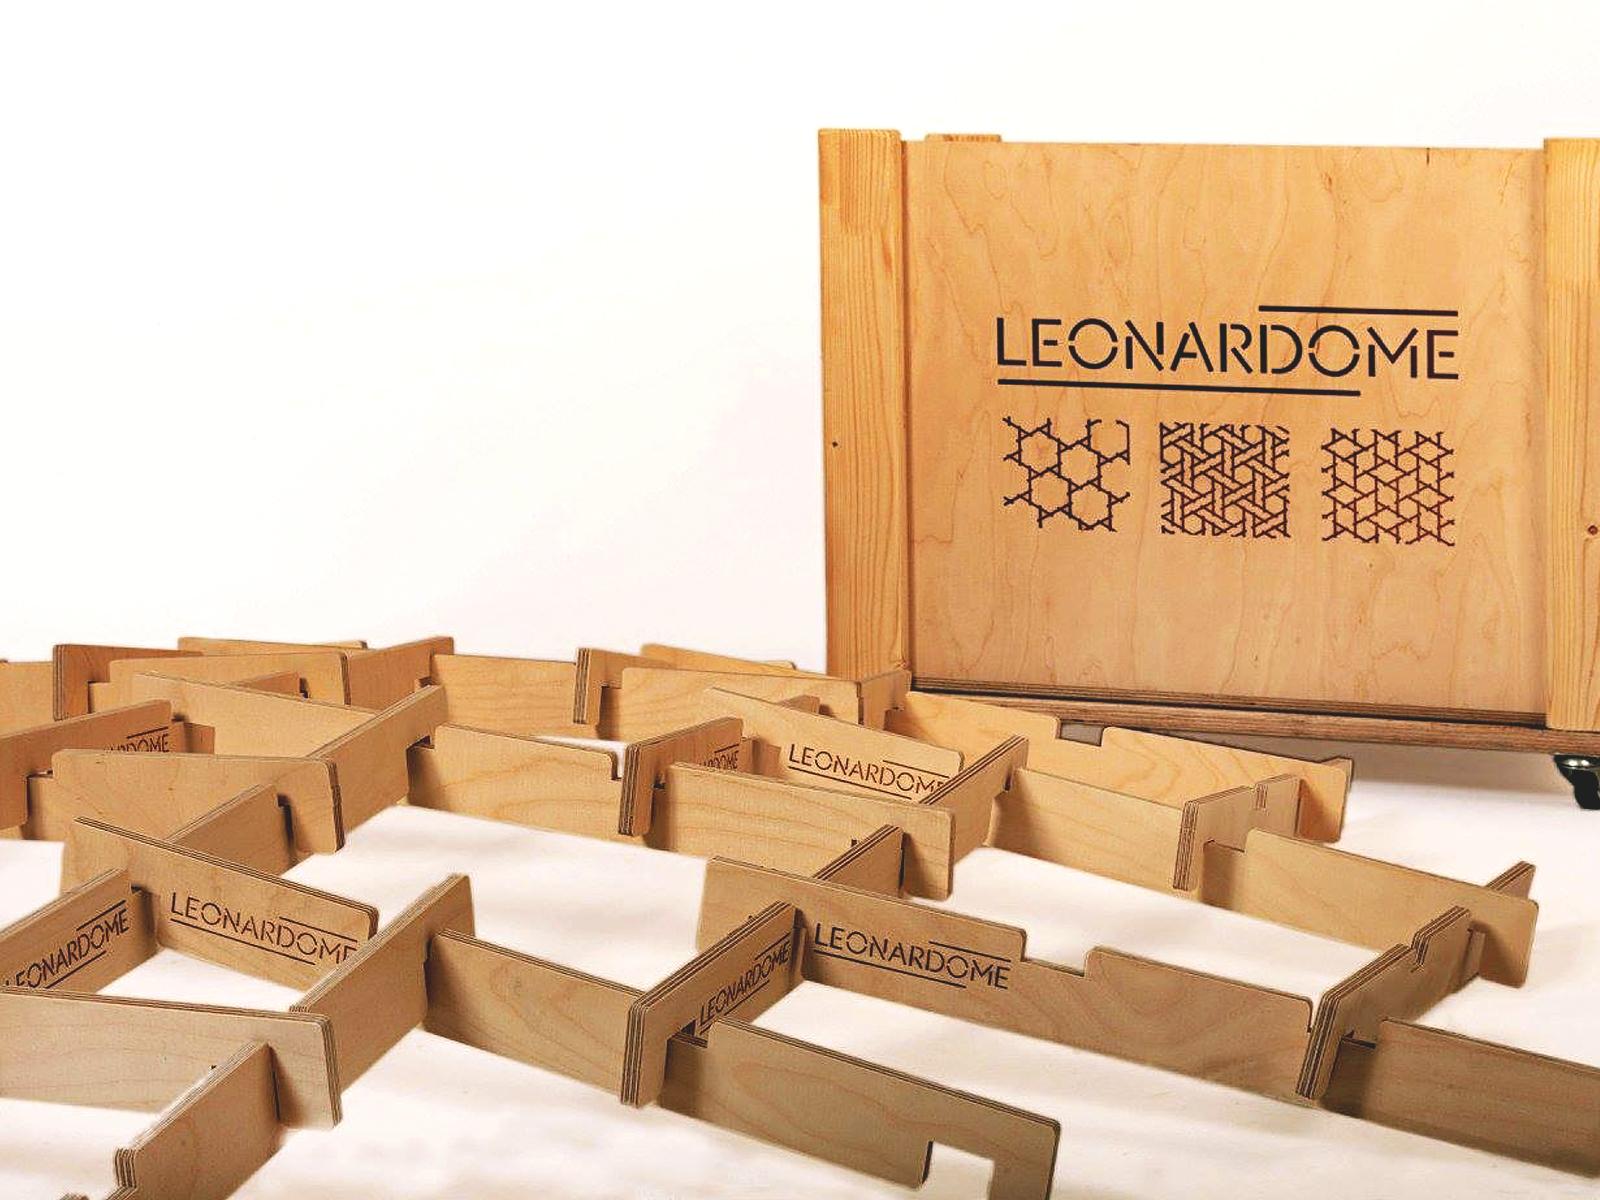 leonardome